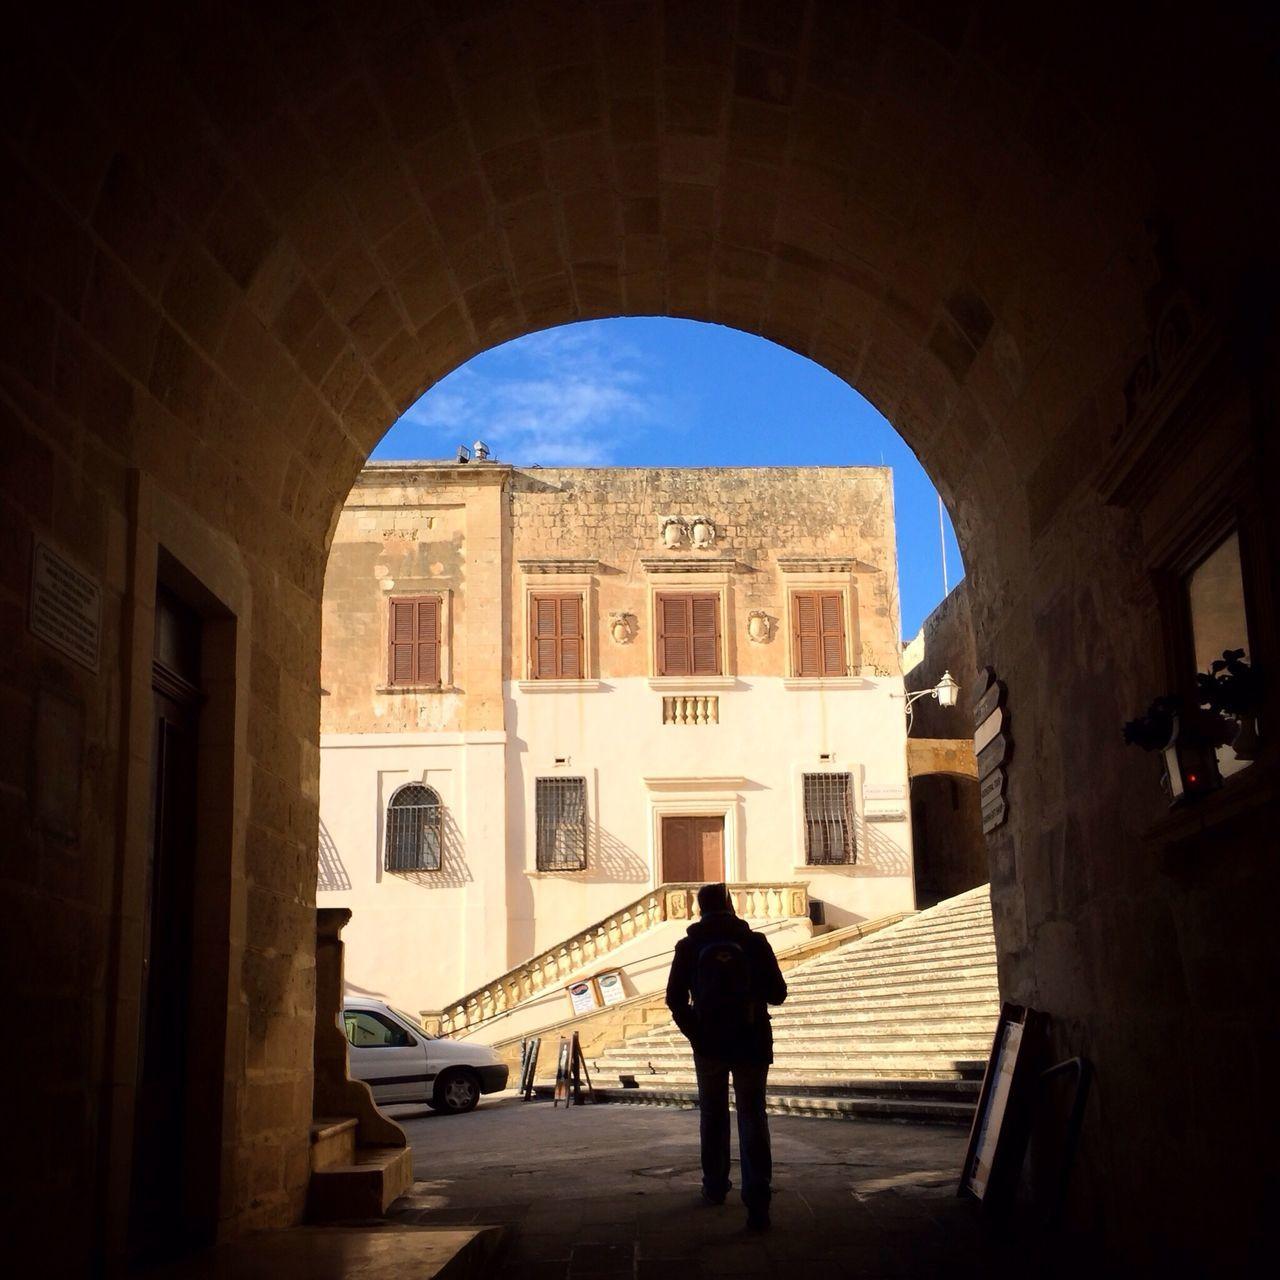 The Citadel, Gozo NEM Submissions NEM Architecture NEM Street AMPt - Street